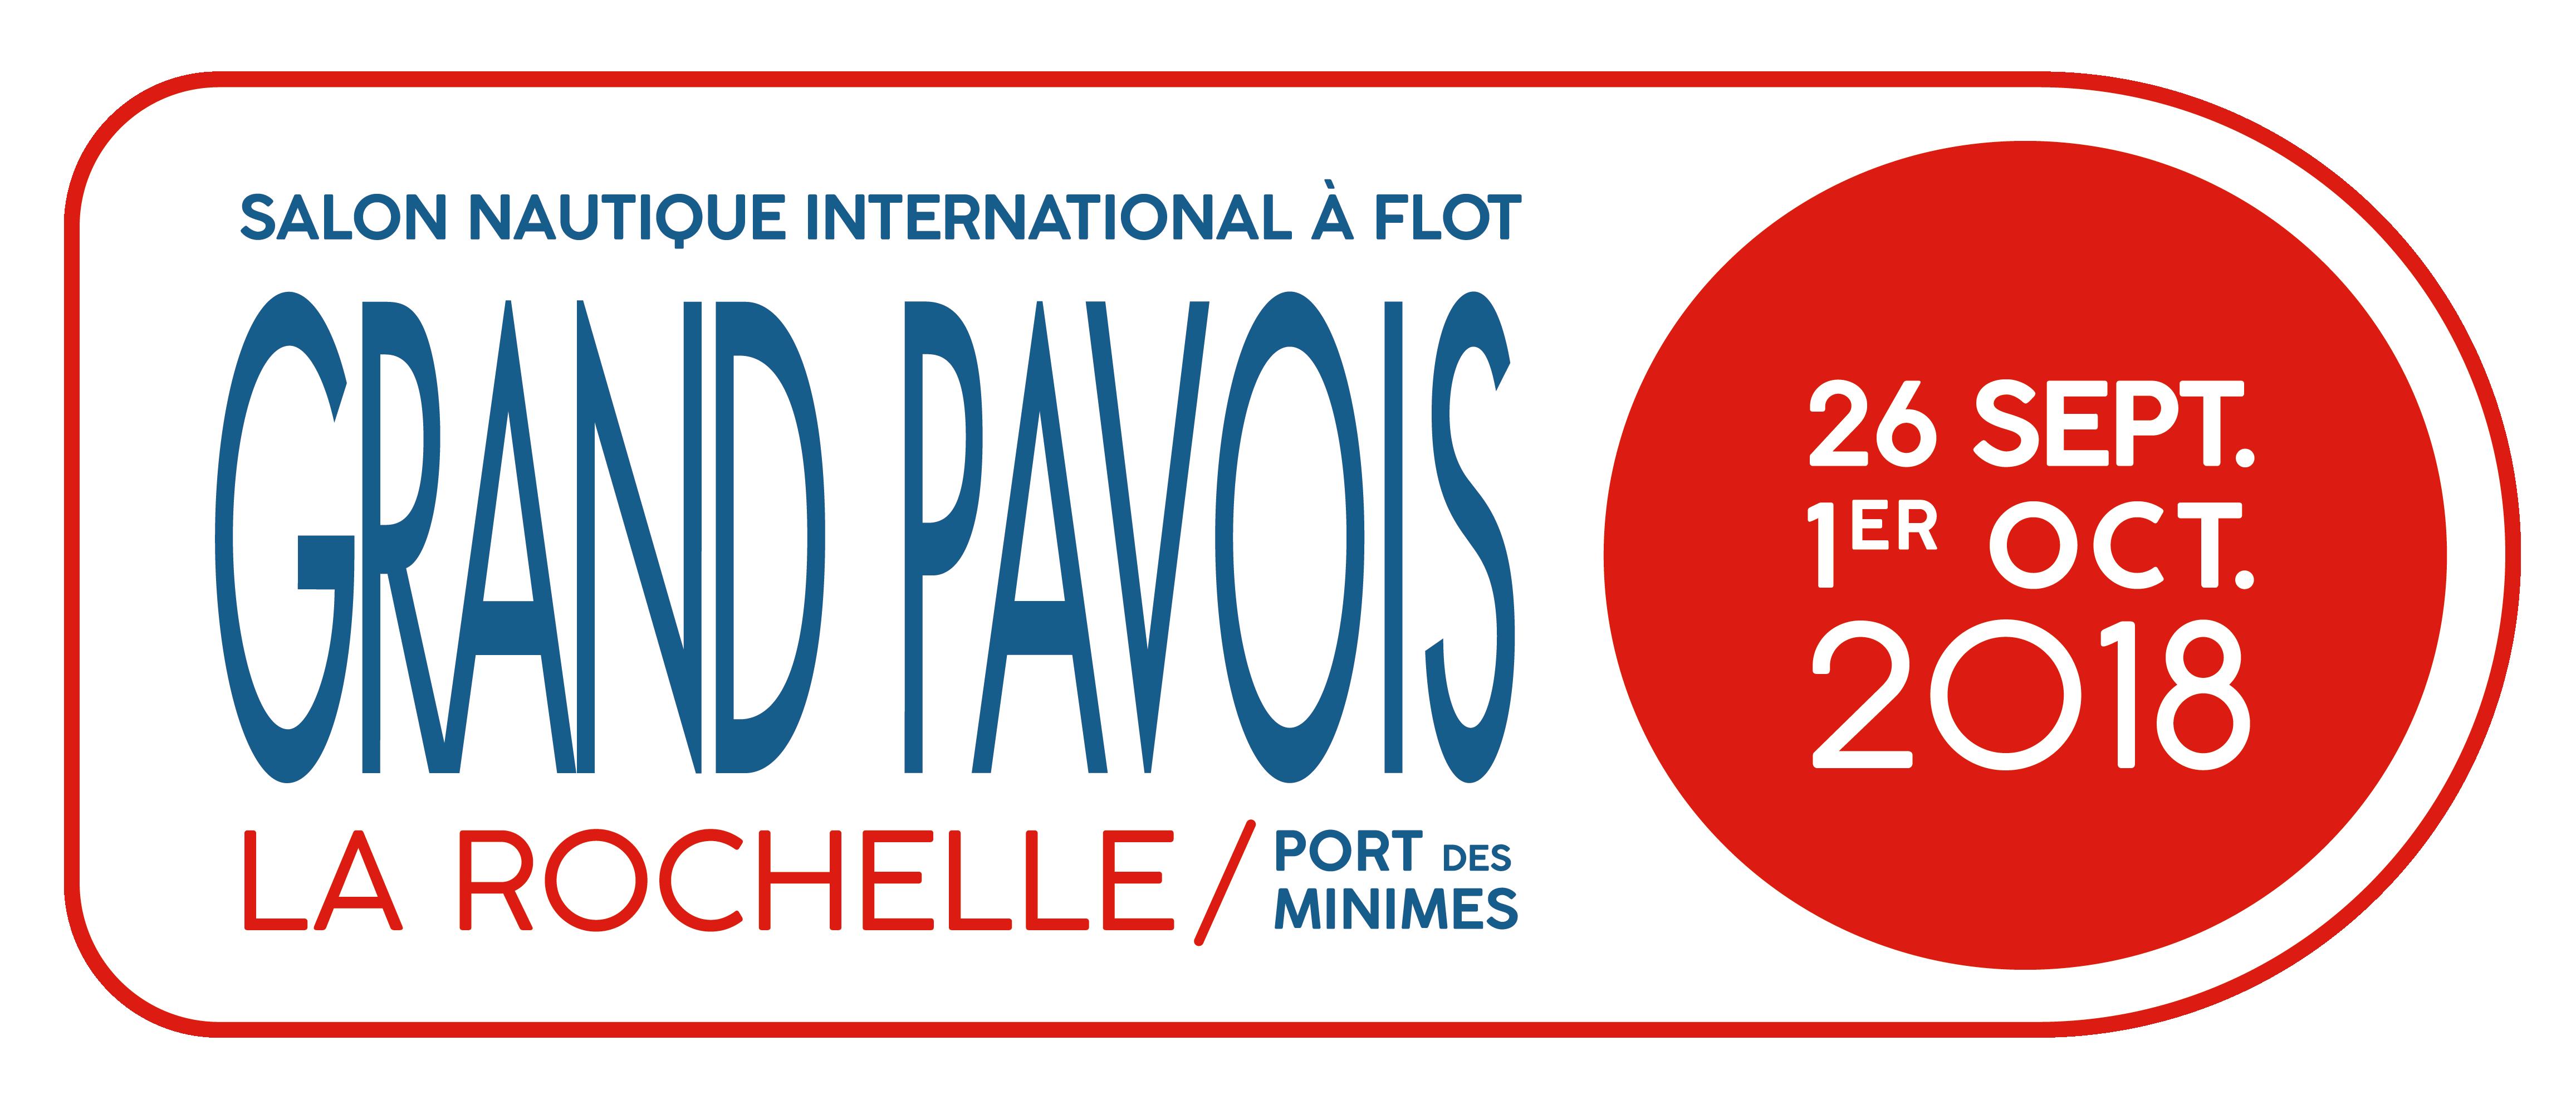 Le Grand Pavois - La Rochelle